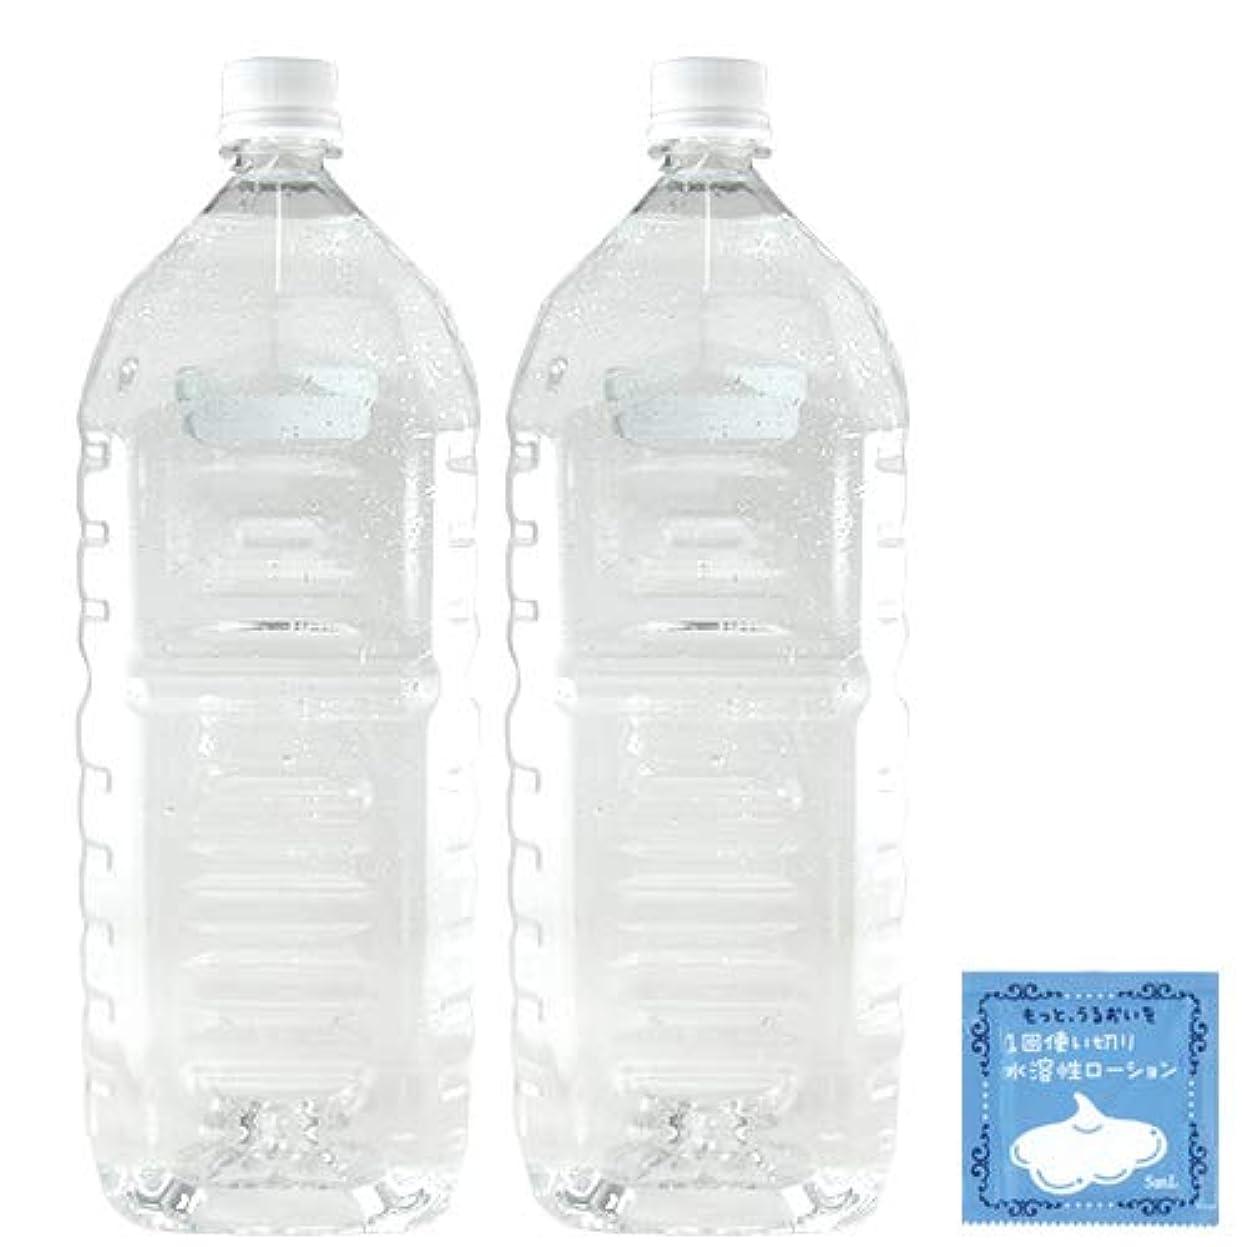 グラフ敬意眠いですクリアローション 2Lペットボトル ミディアムタイプ 業務用ローション×2本 + 1回使い切り水溶性潤滑ローション